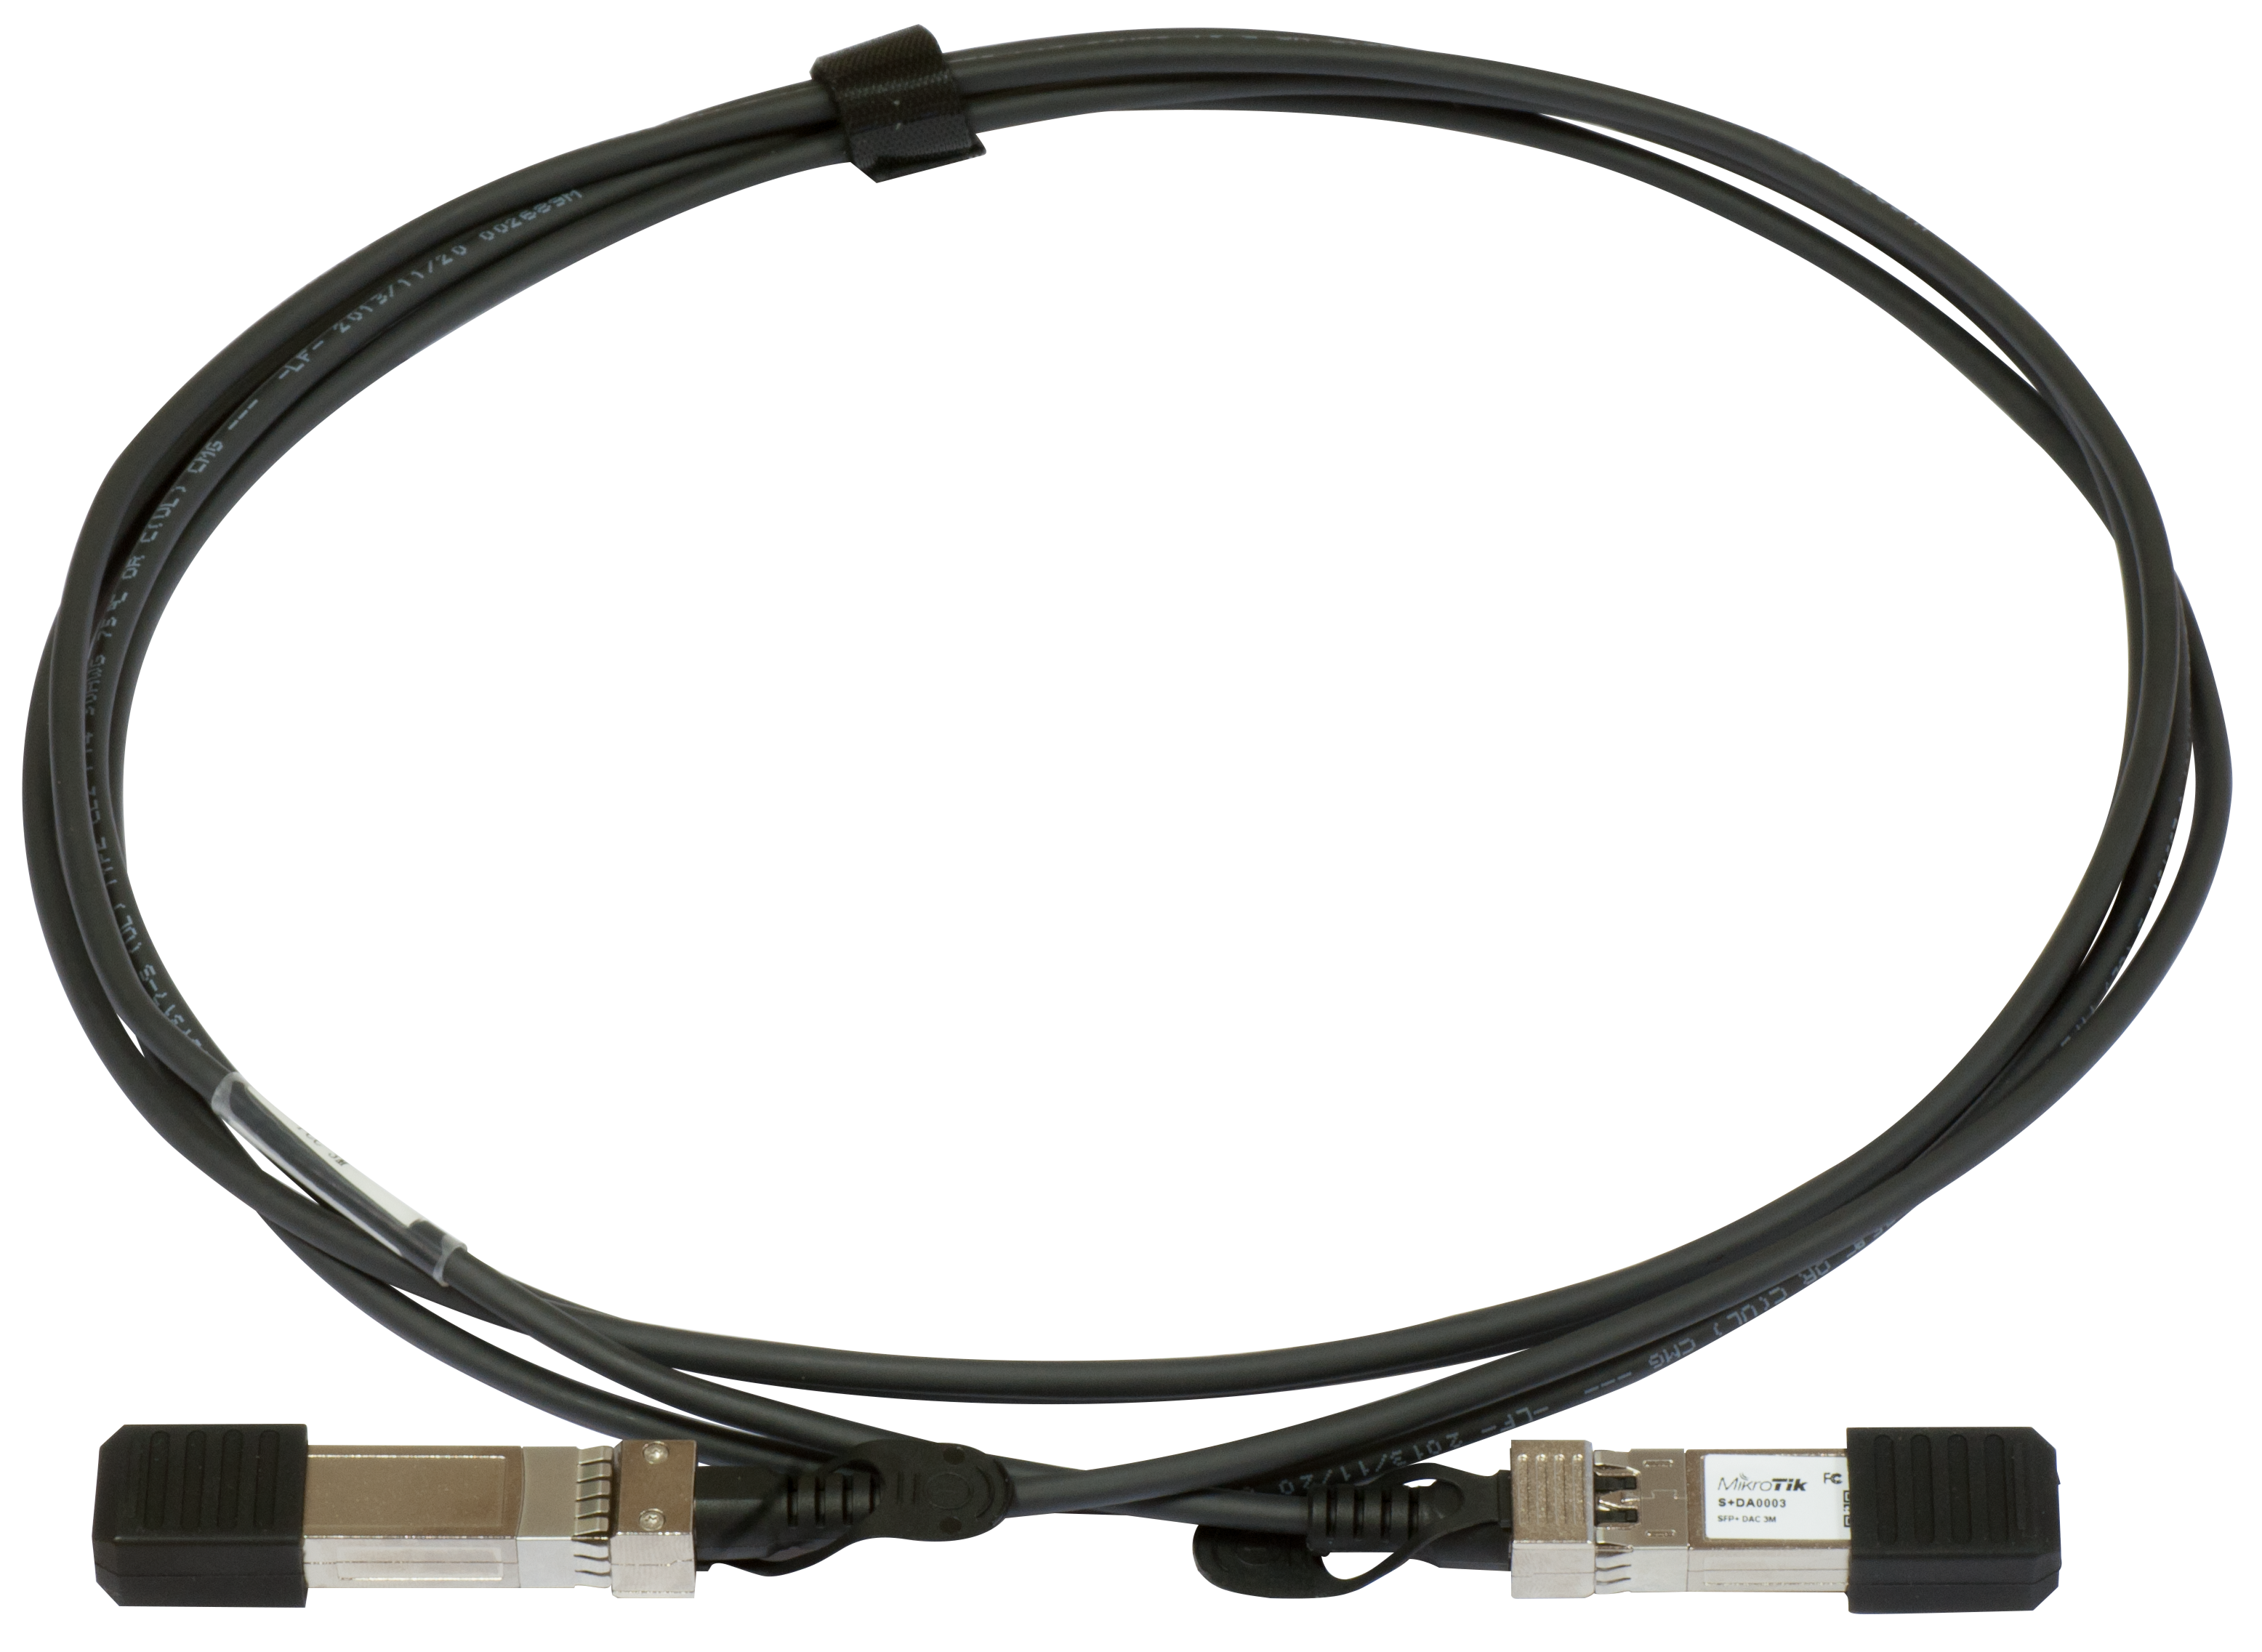 MikroTik S+DA0003 SFP+ 3m stohovací kabel